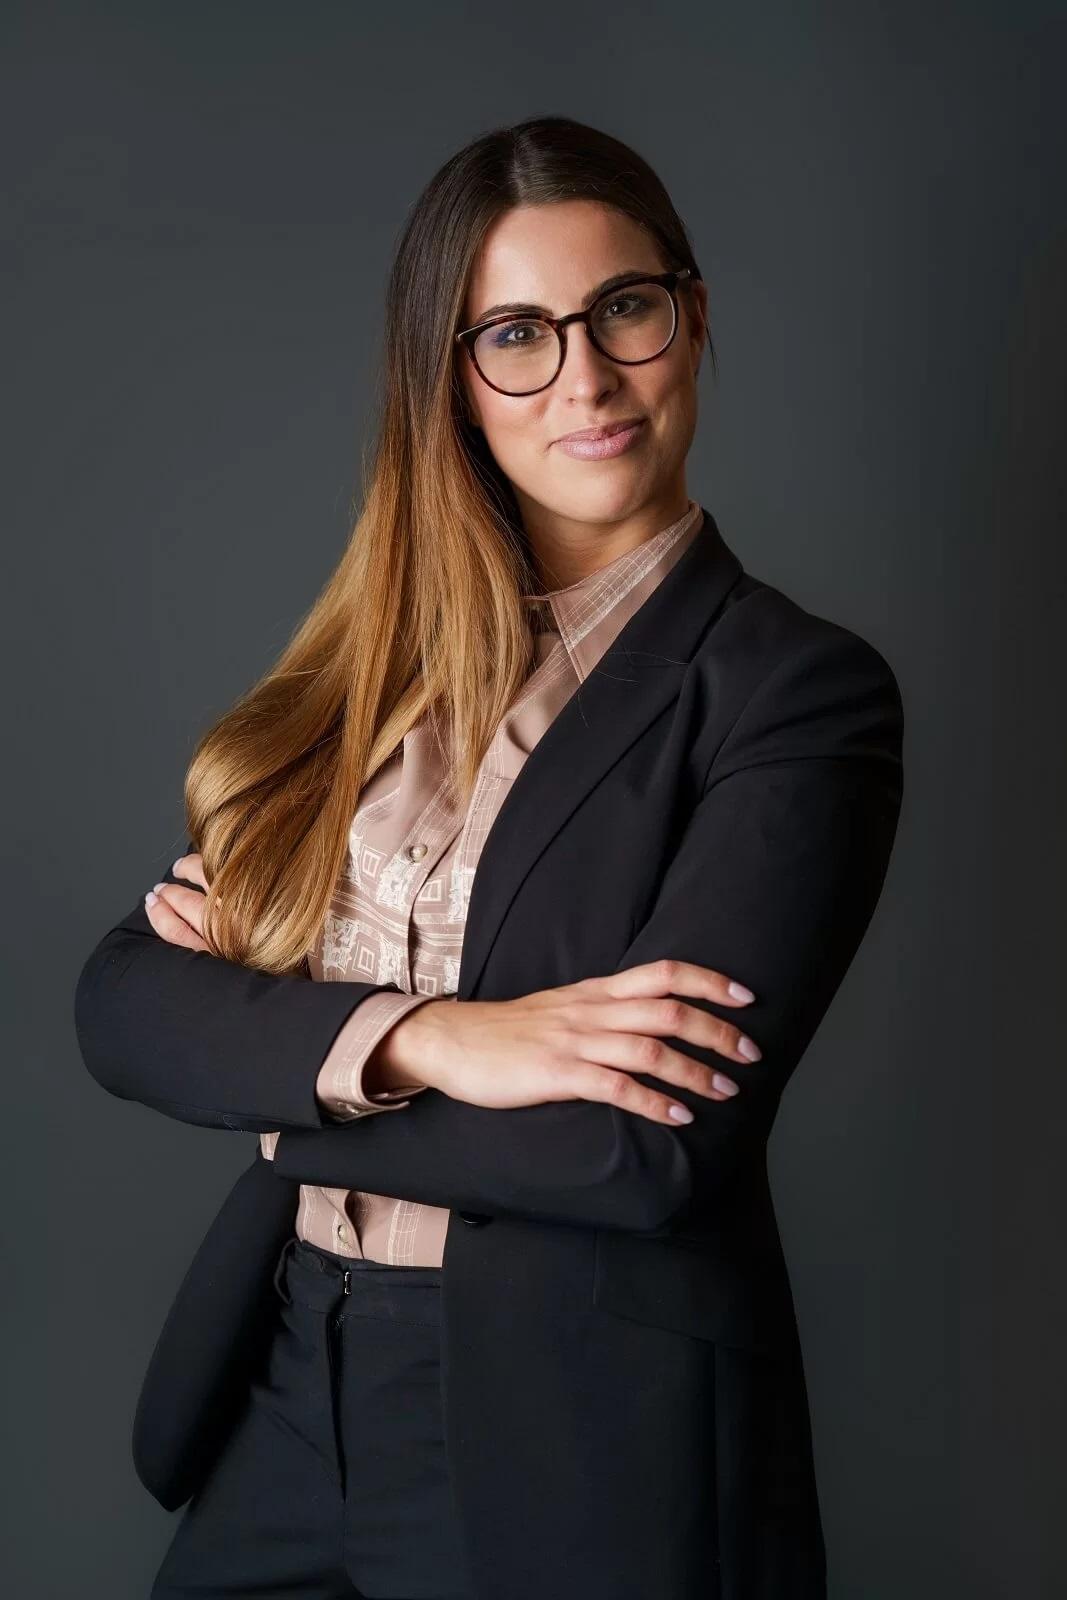 Advokatfirma Oslo - Polski Adwokat - Nierzwicki & Bluszko AS